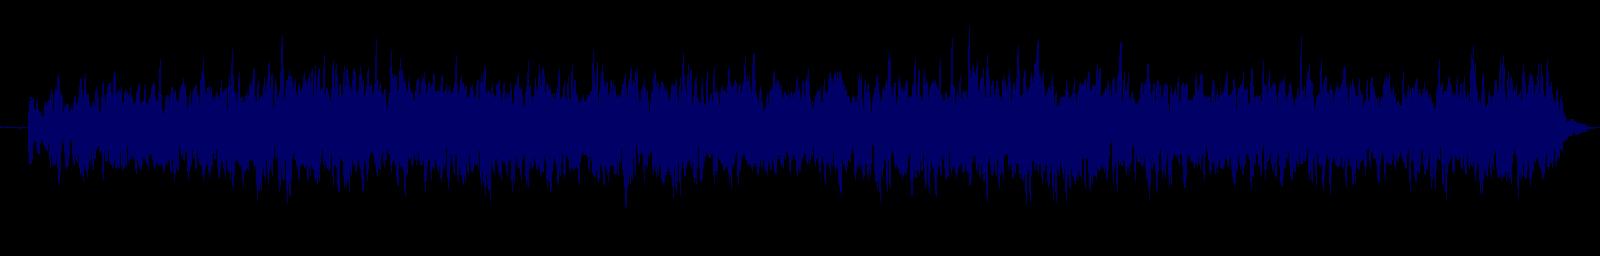 waveform of track #159518